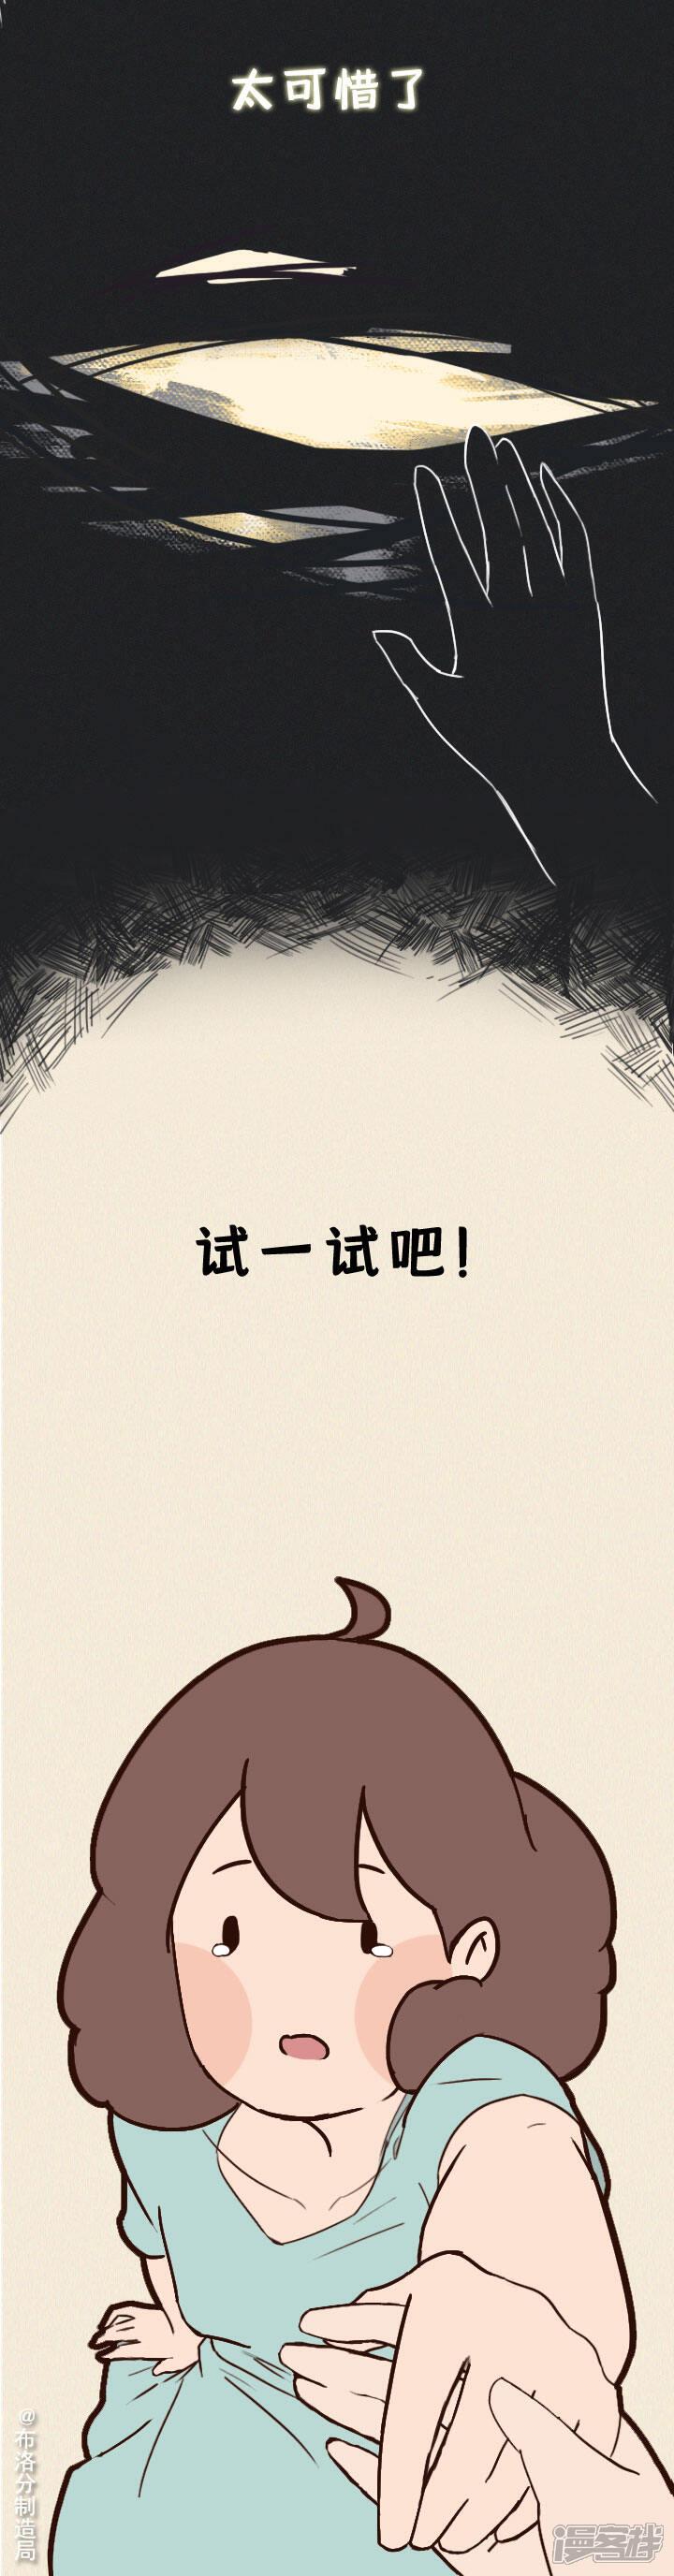 社恐5-2.jpg